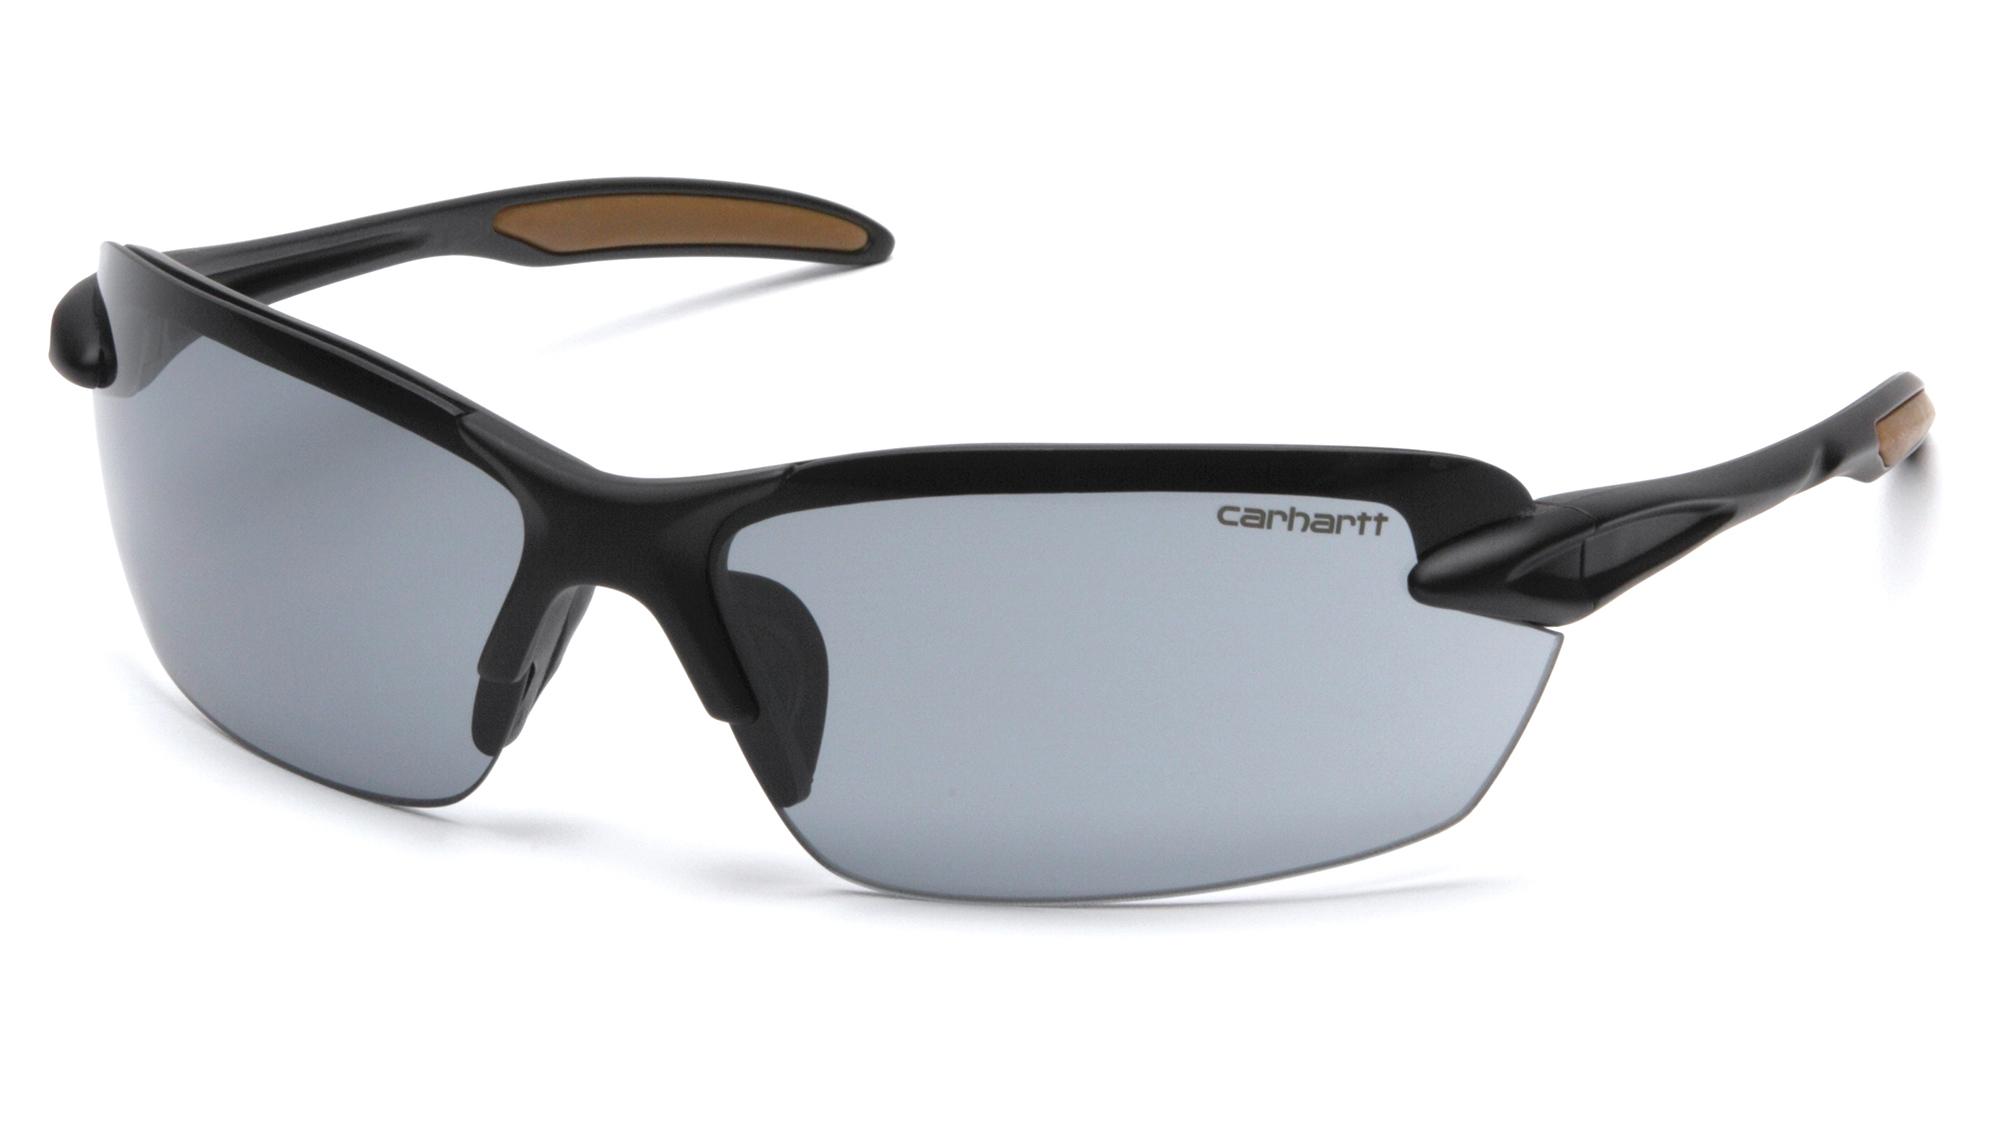 Carhartt Spokane Gray Lens Safety Glasses-